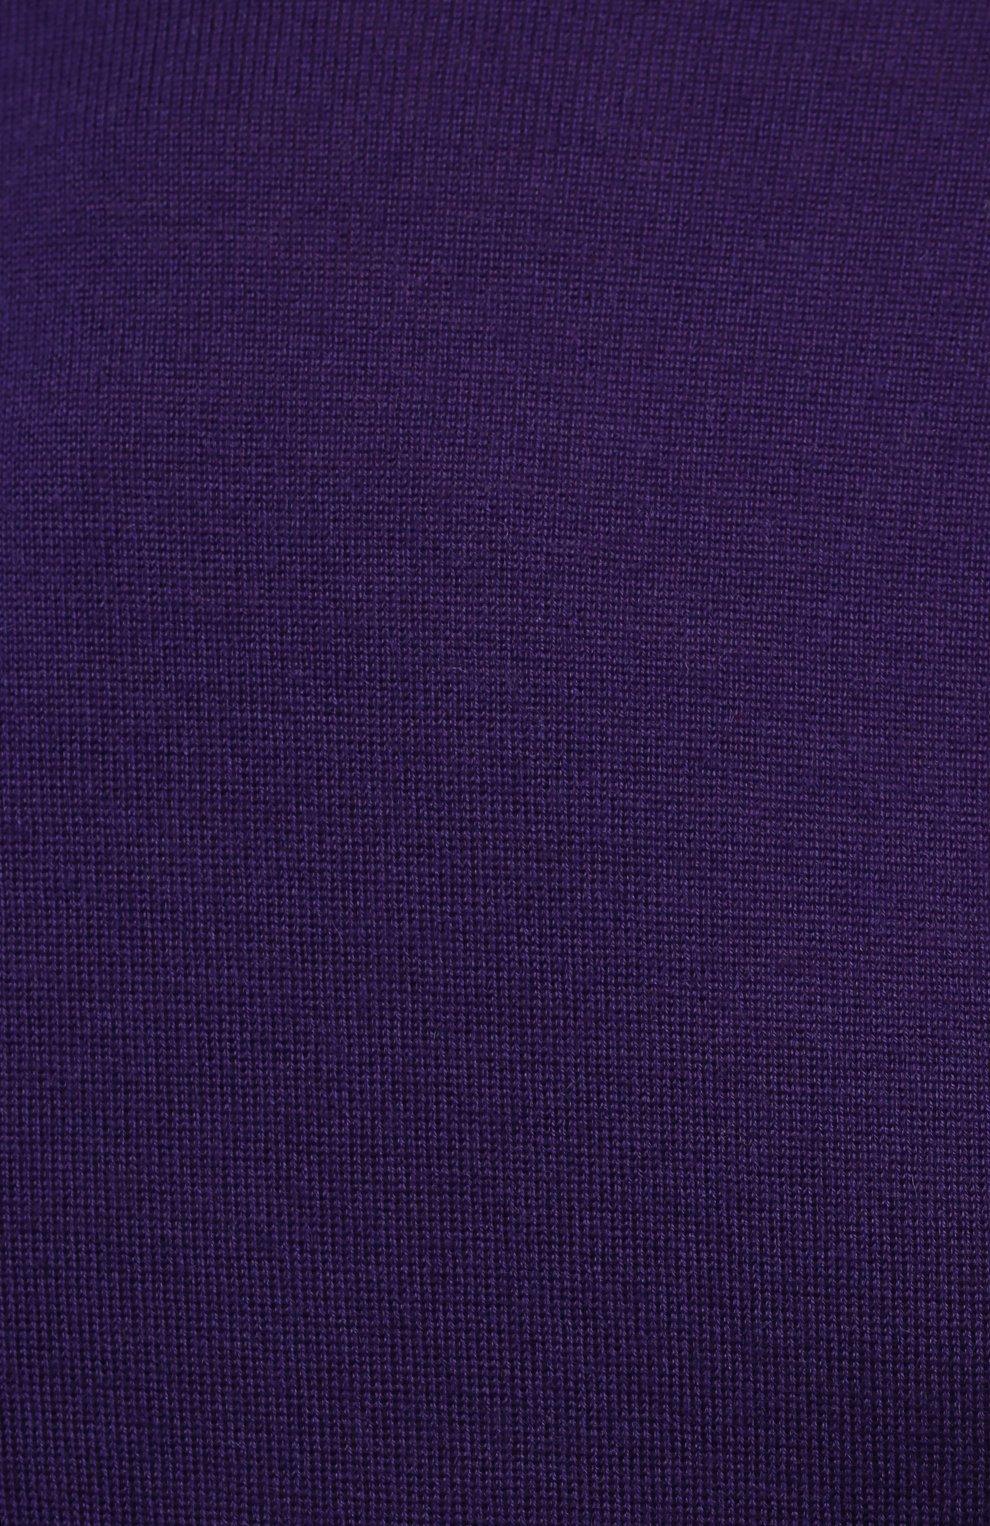 Женская кашемировая водолазка RALPH LAUREN фиолетового цвета, арт. 290615195 | Фото 5